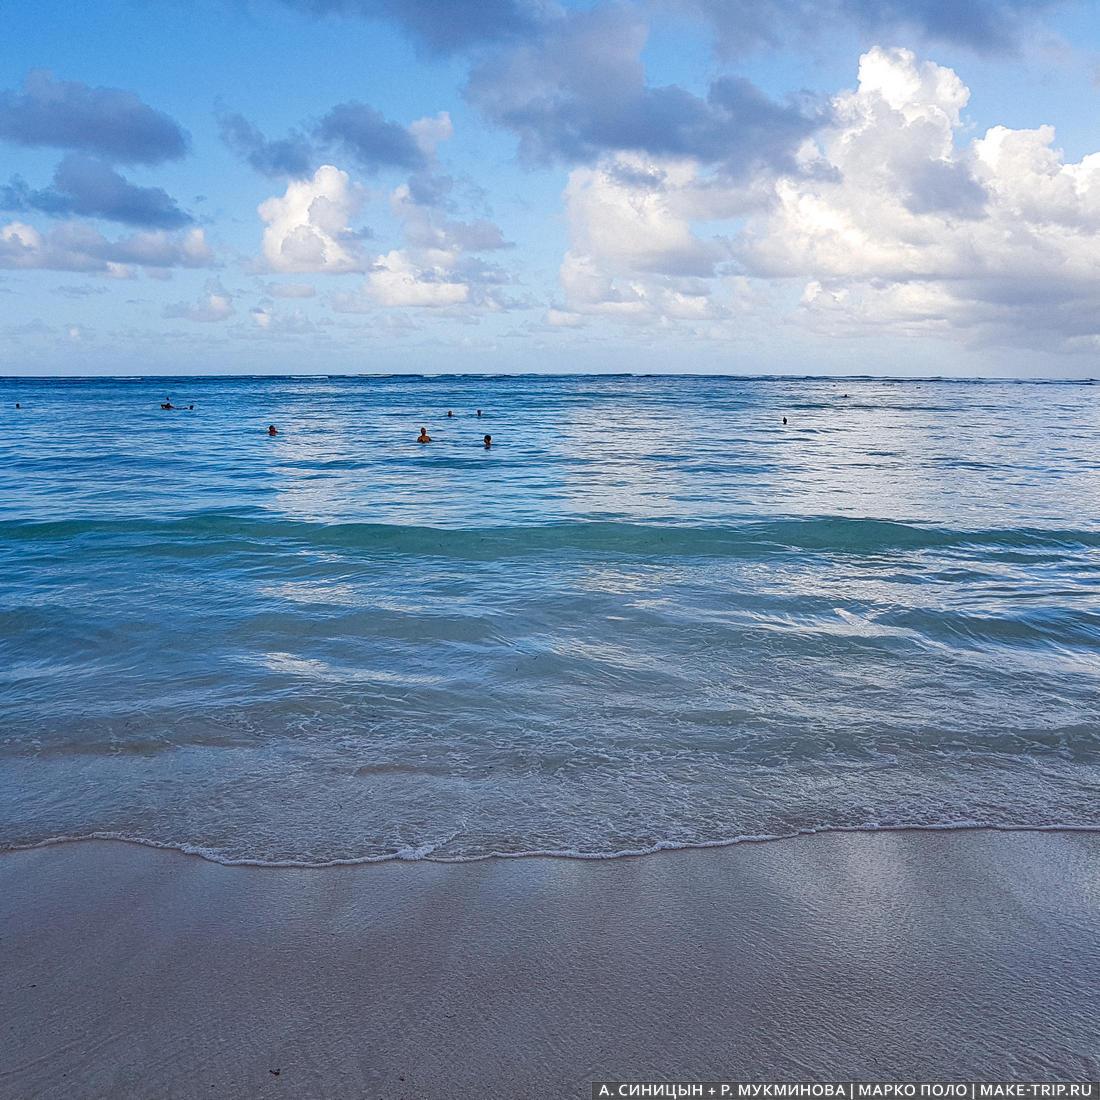 Сколько стоит отдых в Доминикане на двоих